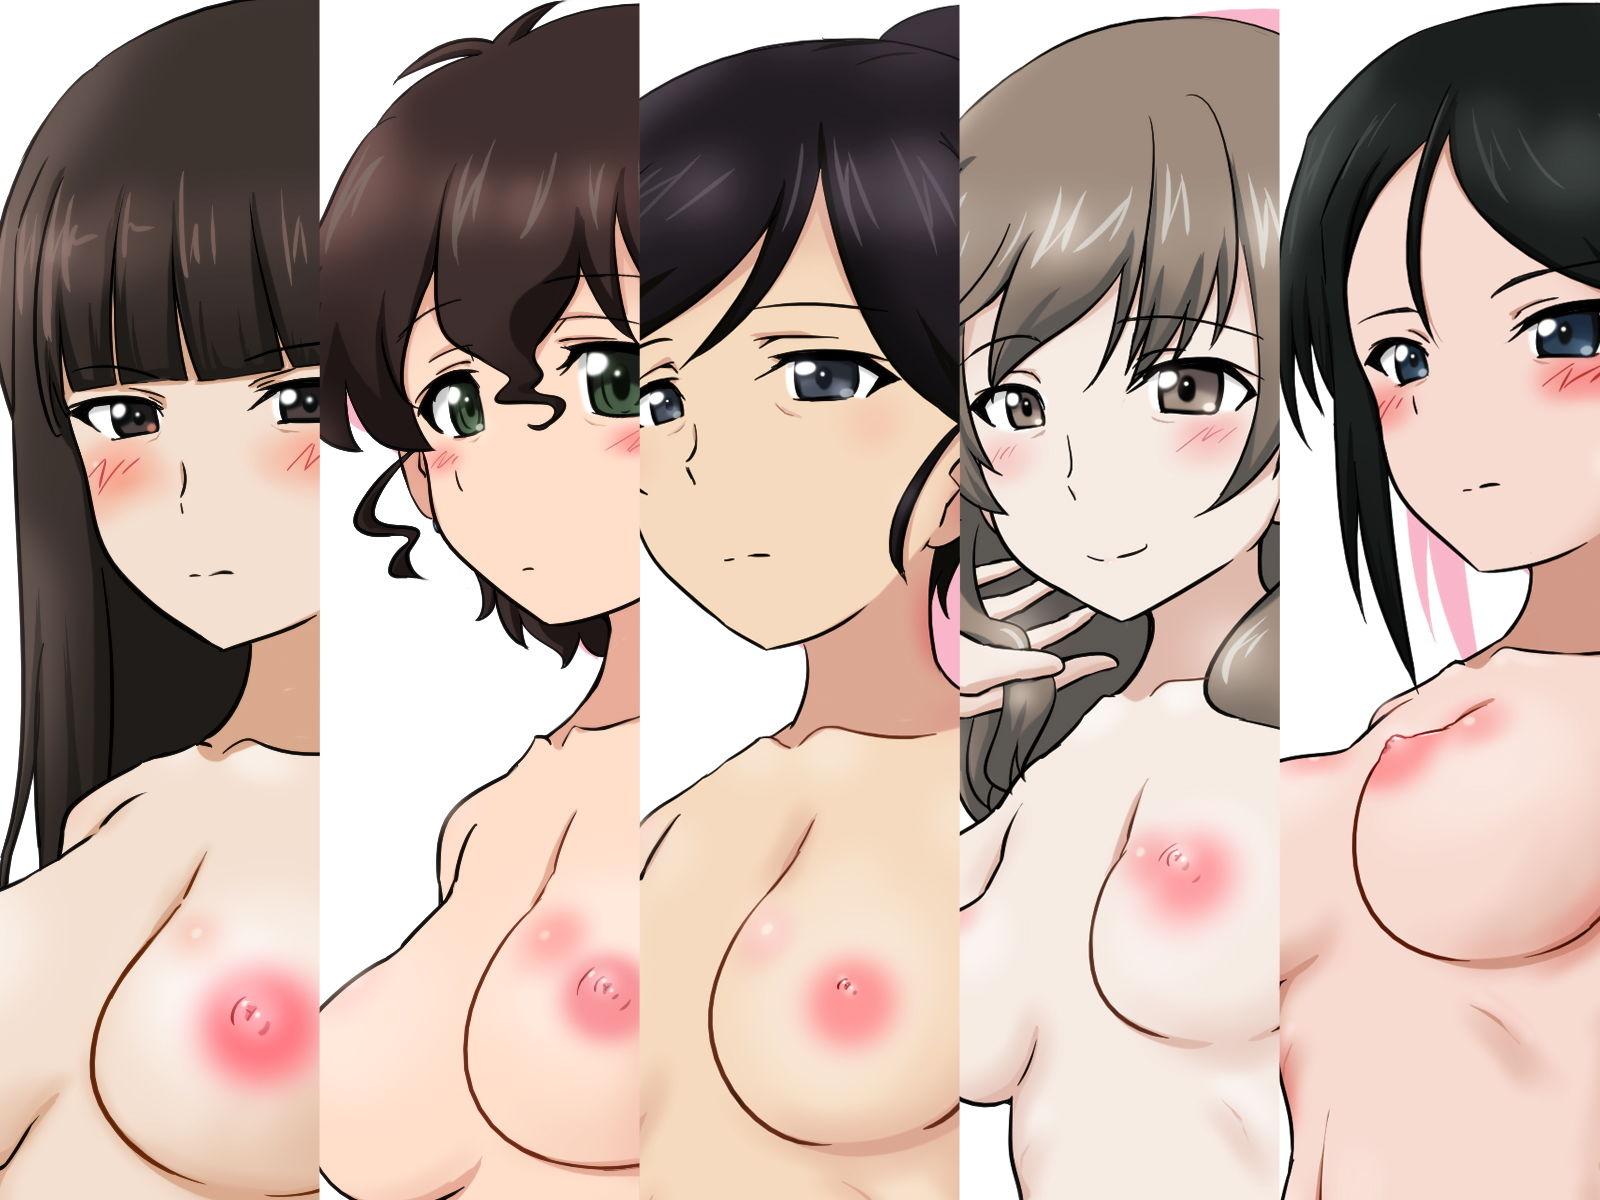 性教育教材になった女たち -戦車少女のママ+A篇-【作品ネタバレ】